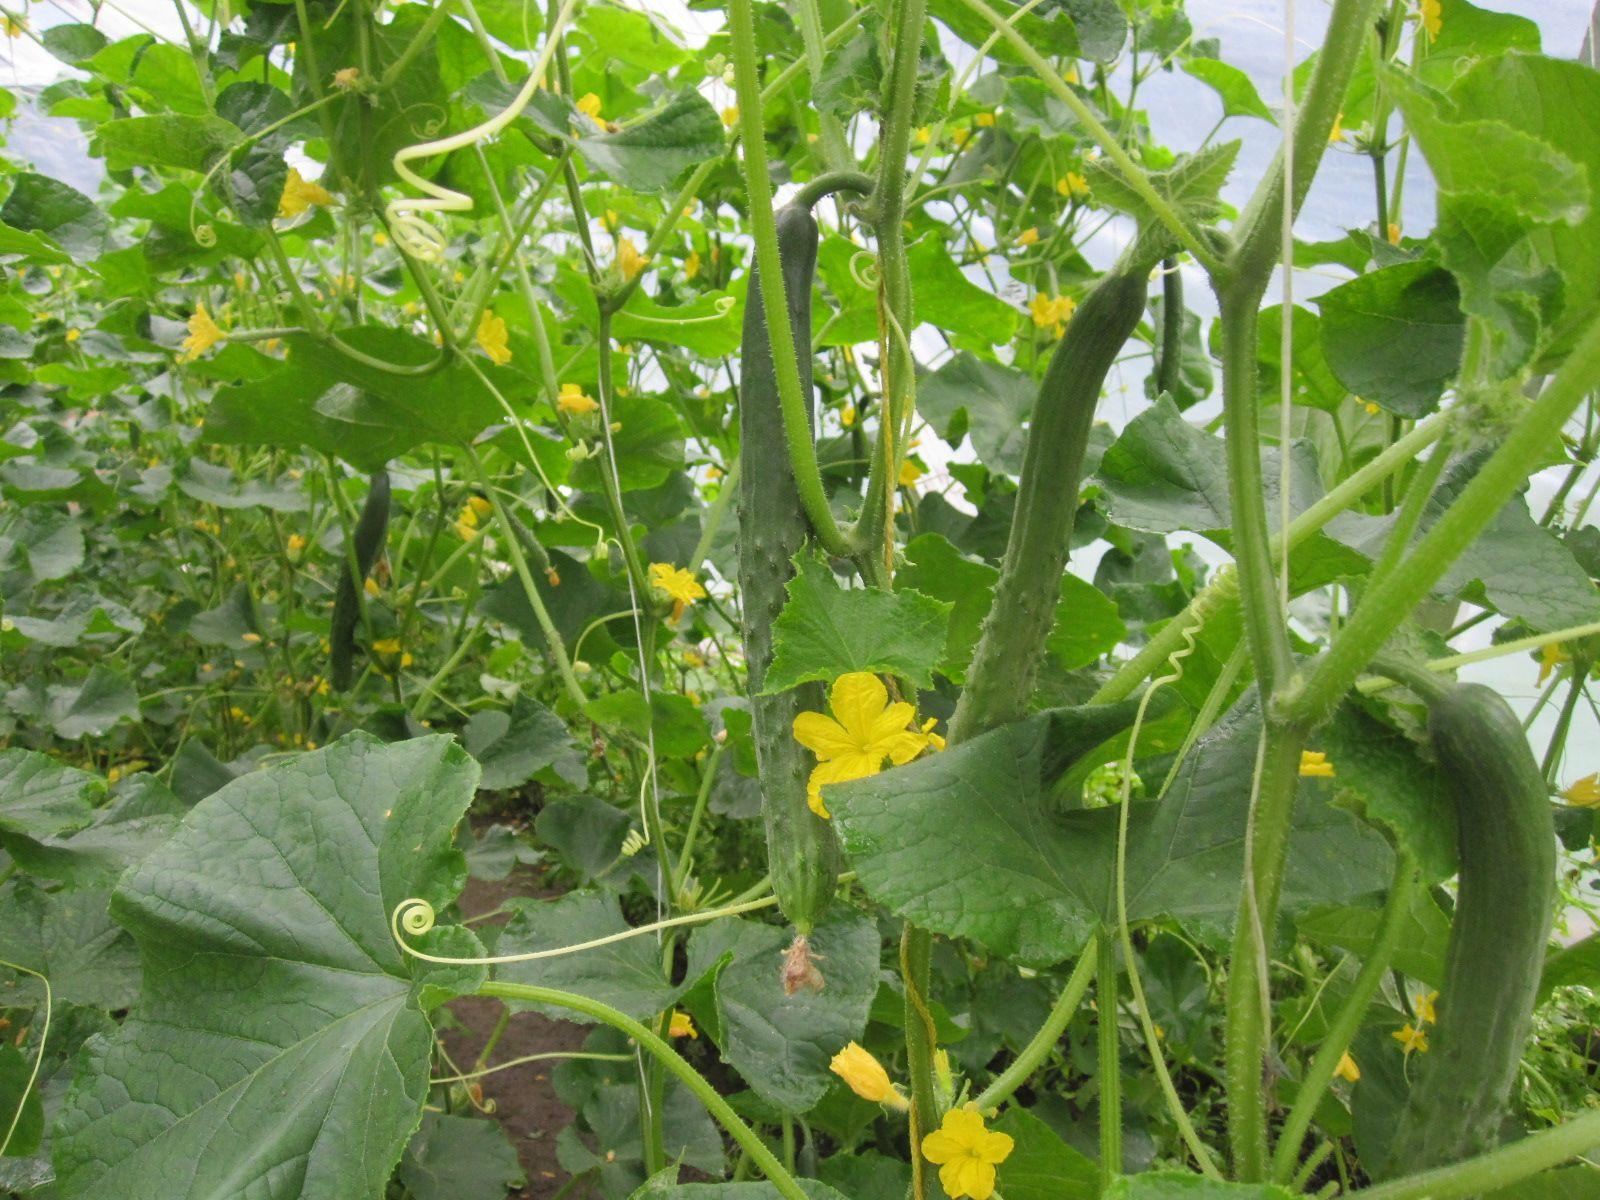 Mustosen puutarhan kasvihuoneen Omat kurkut